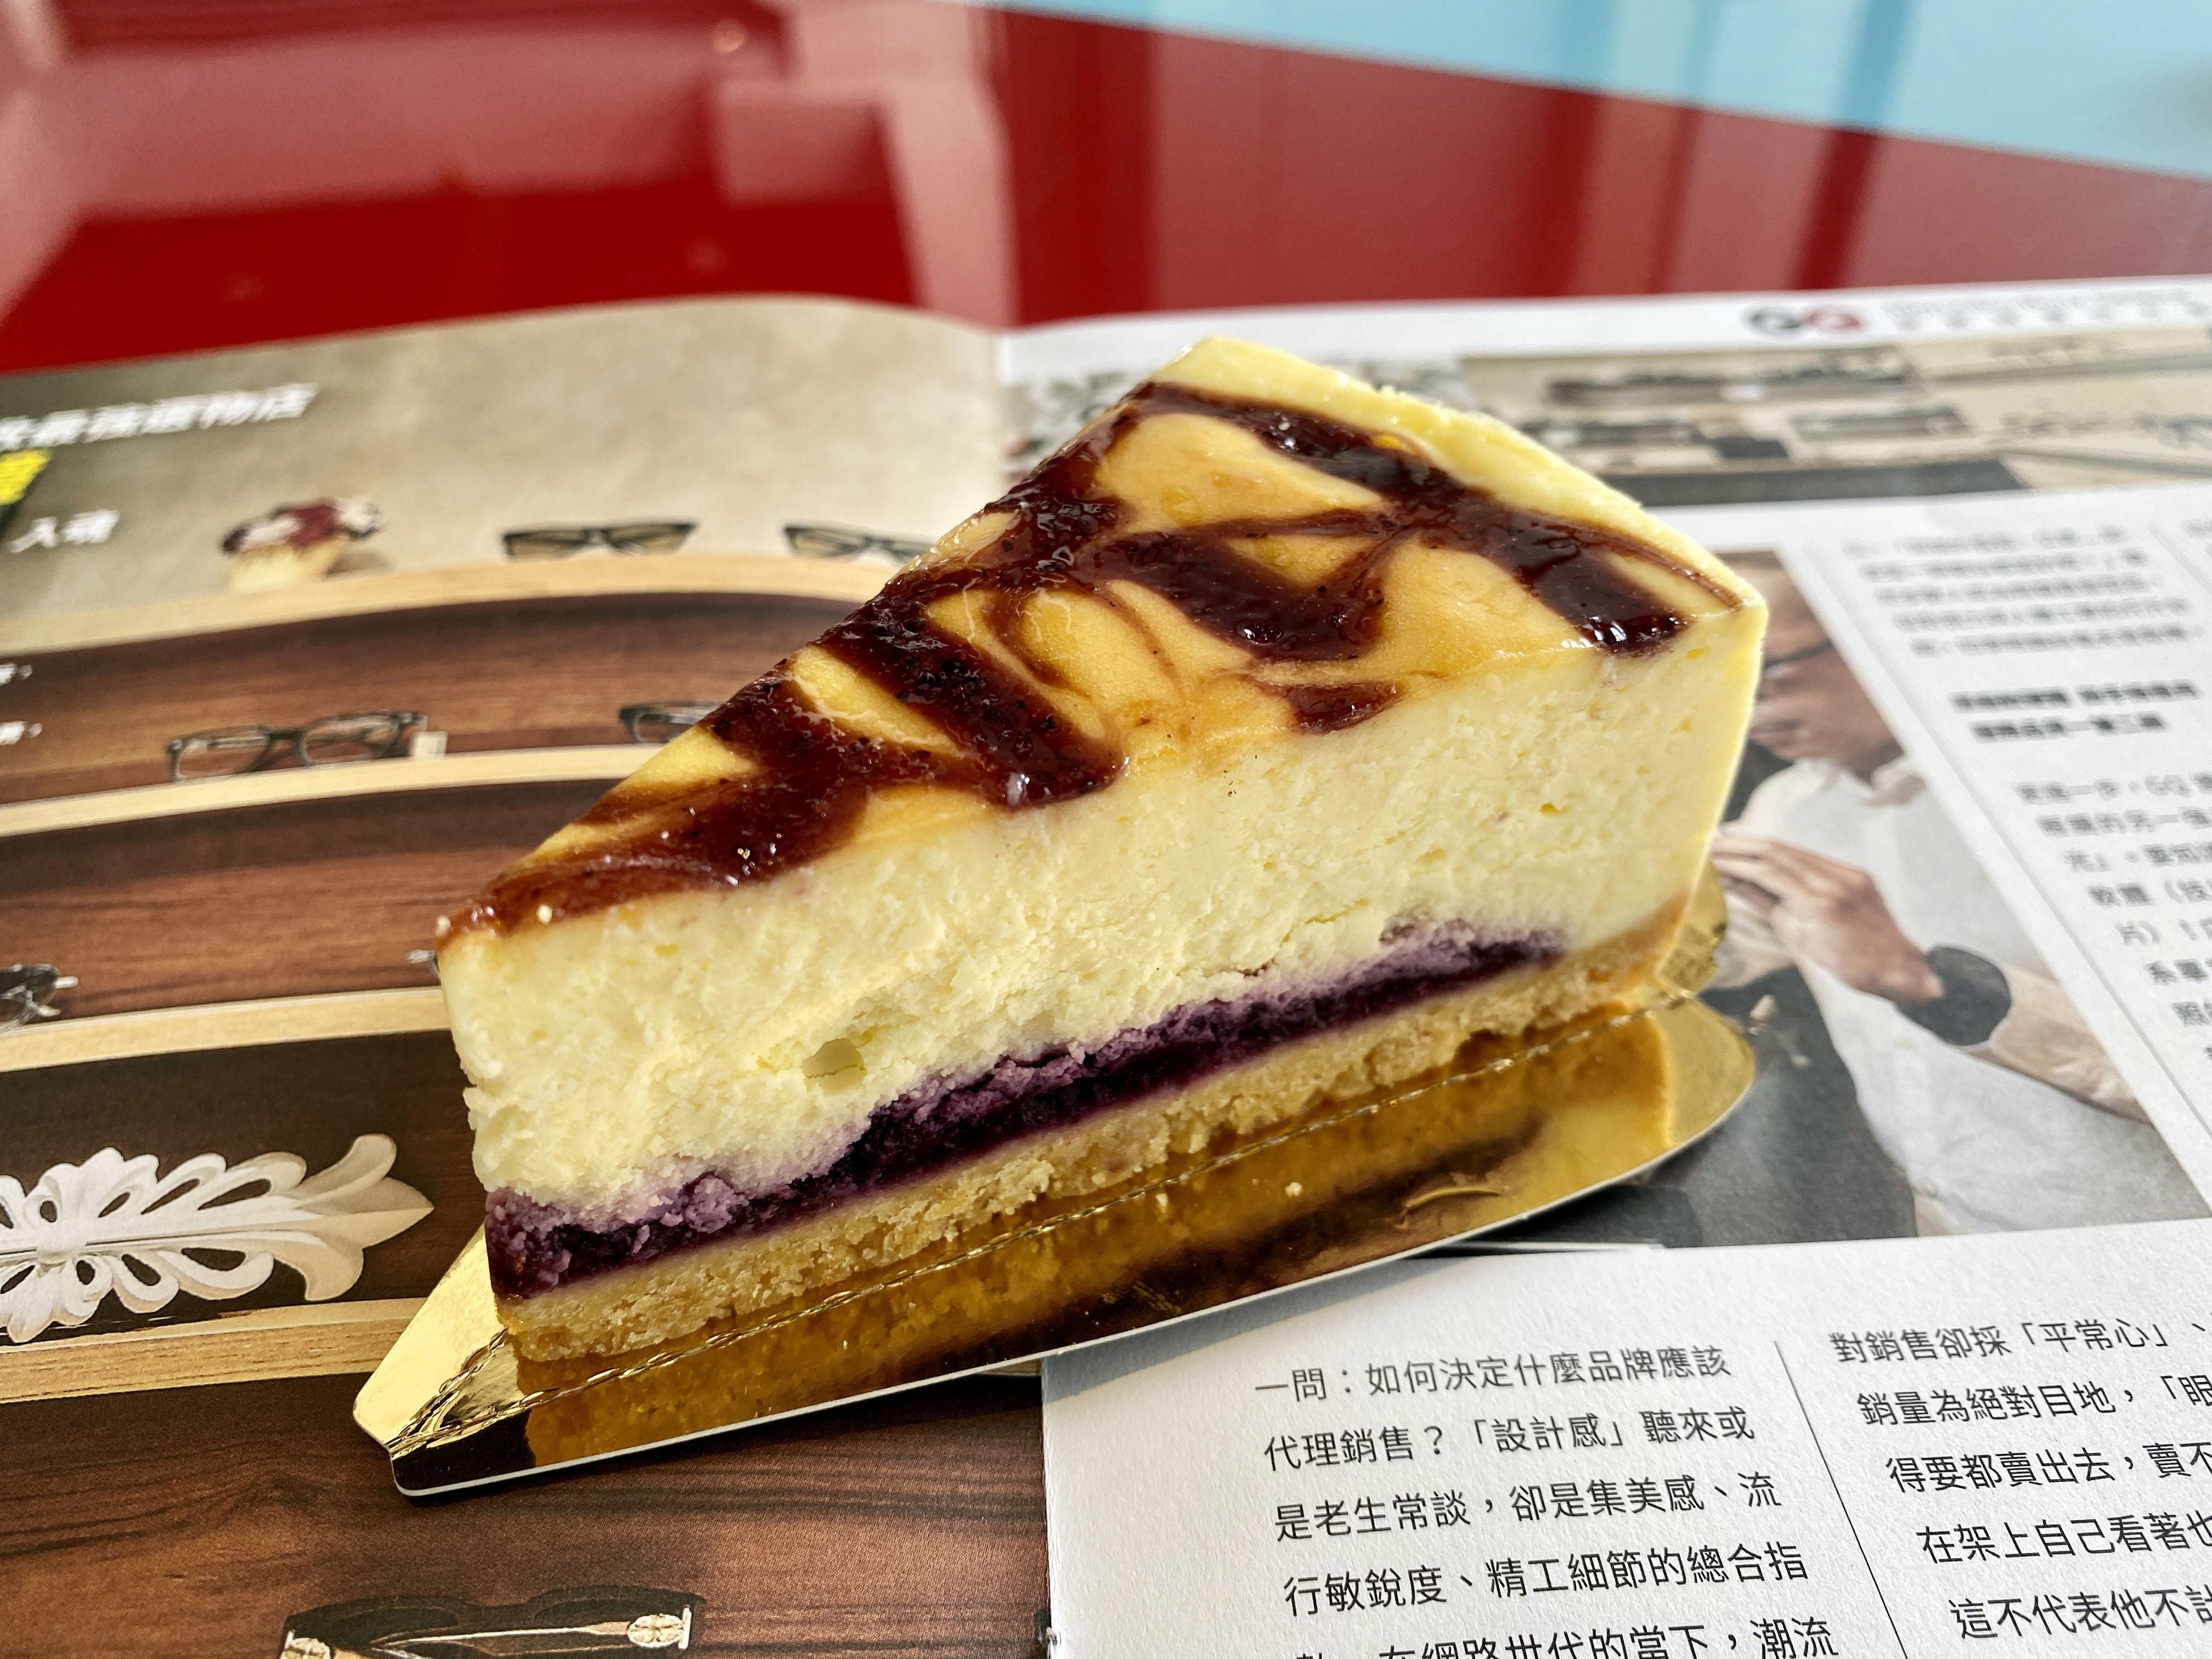 和風藍莓重乳酪(6吋)【木匠手作】母親節蛋糕